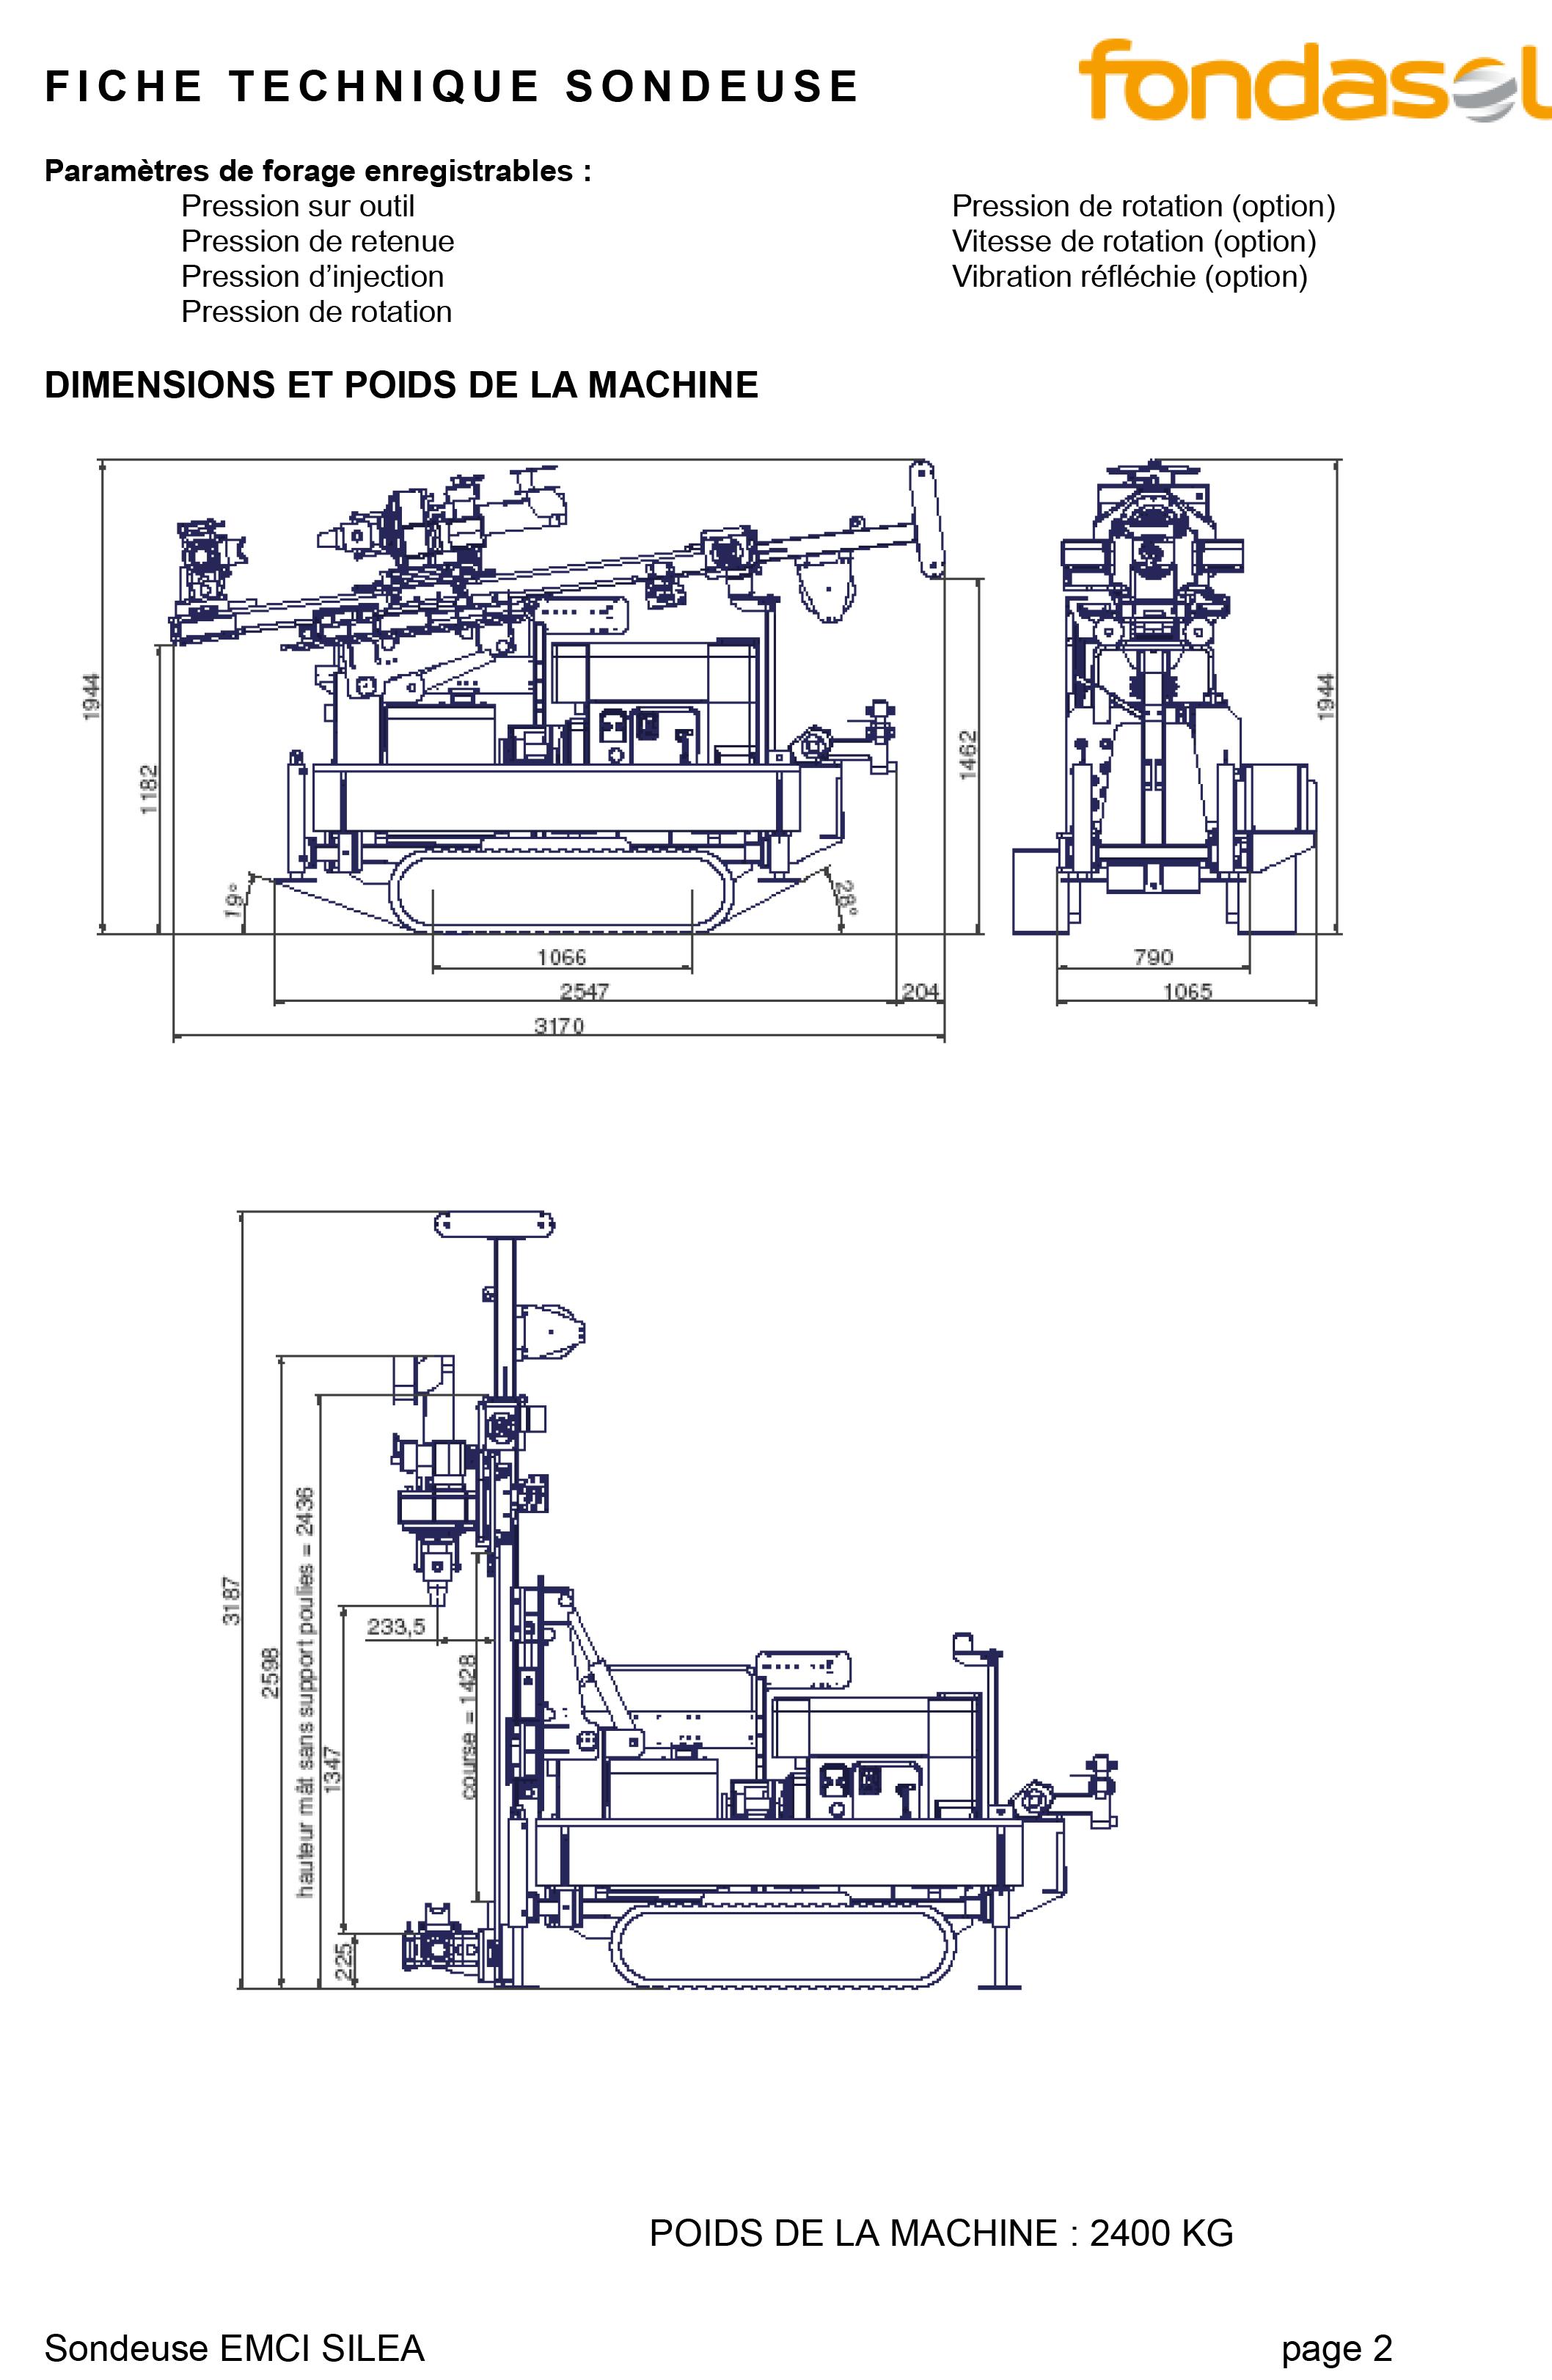 Fiche technique EMCI SILEA 45-5 (2)